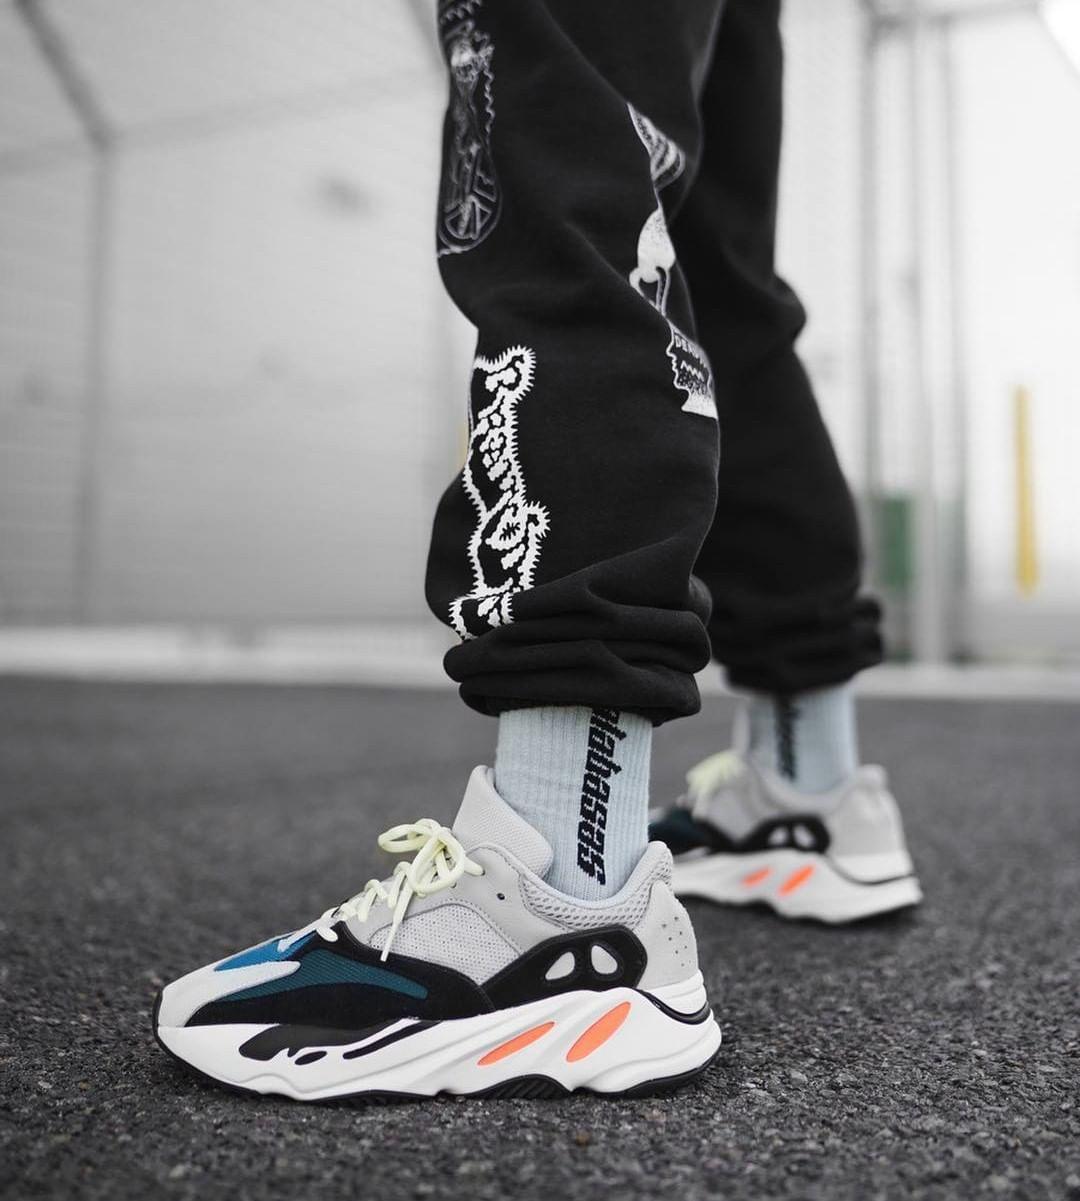 Yeezy 700 Wave Runner Solid Grey | Chaussures yeezy, Yeezy